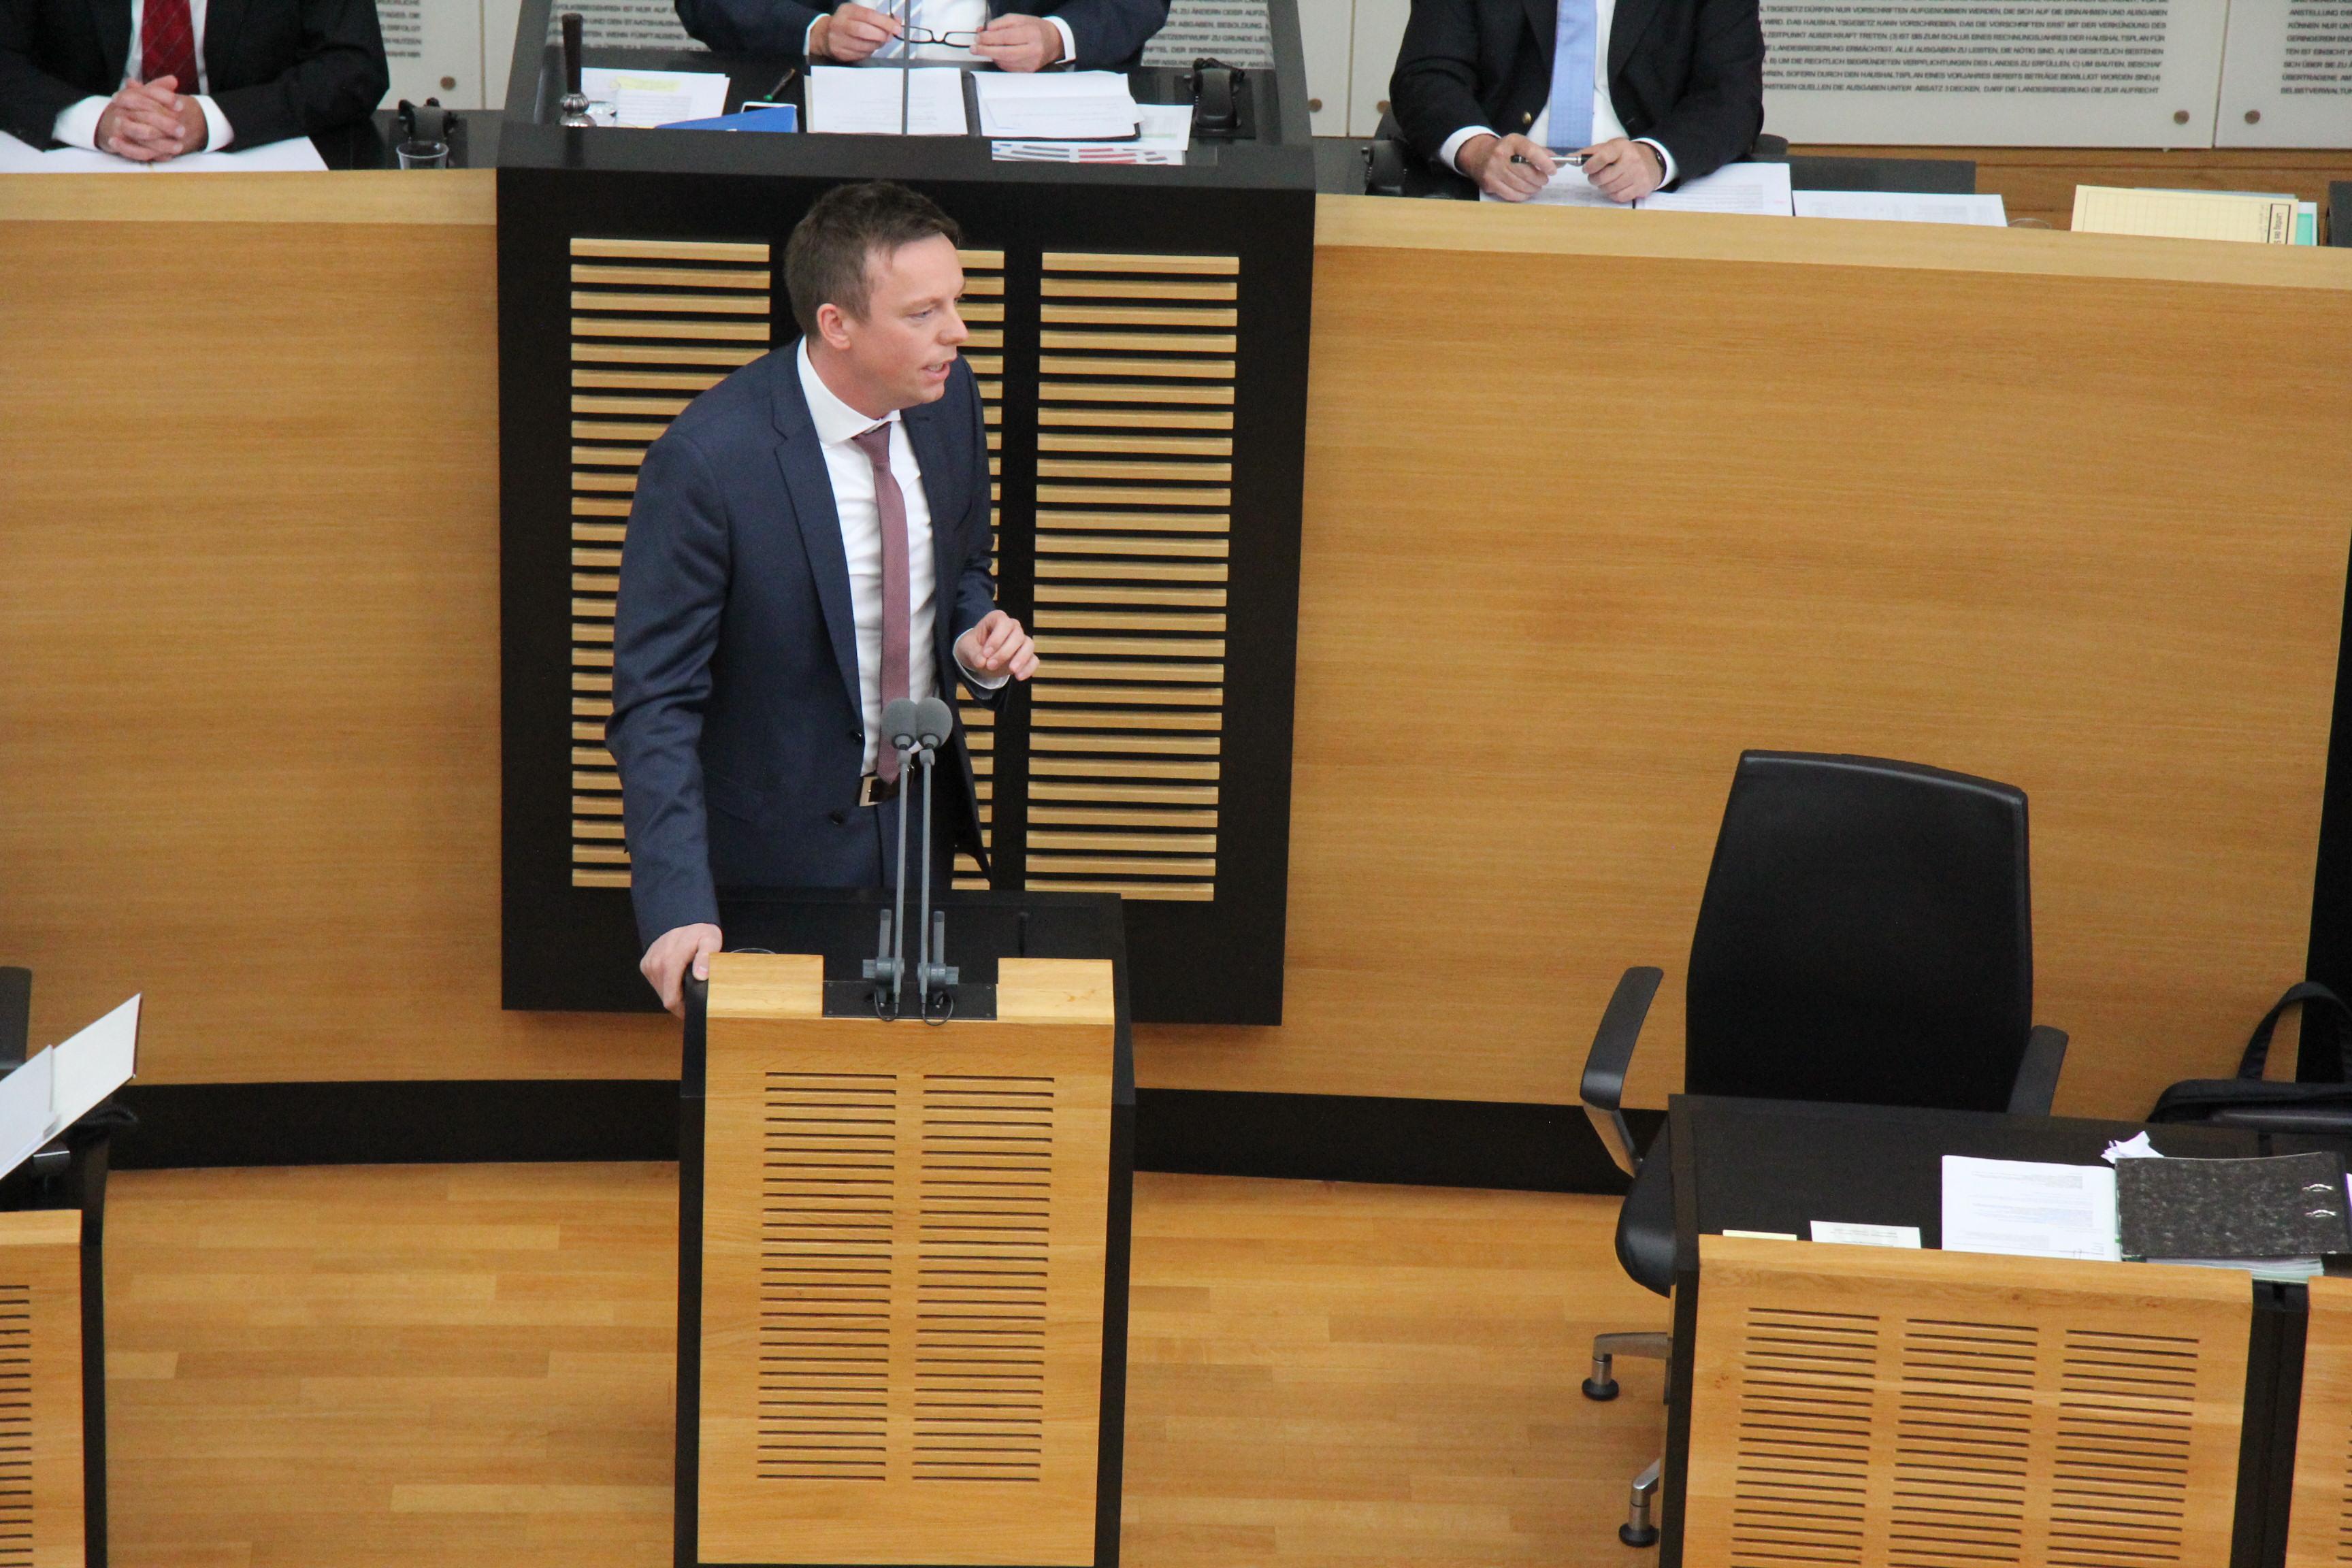 CDU Fraktion des Saarlandes: Pläne zu AfD-Schattenpresse: freie Medien unverzichtbar für Demokratie